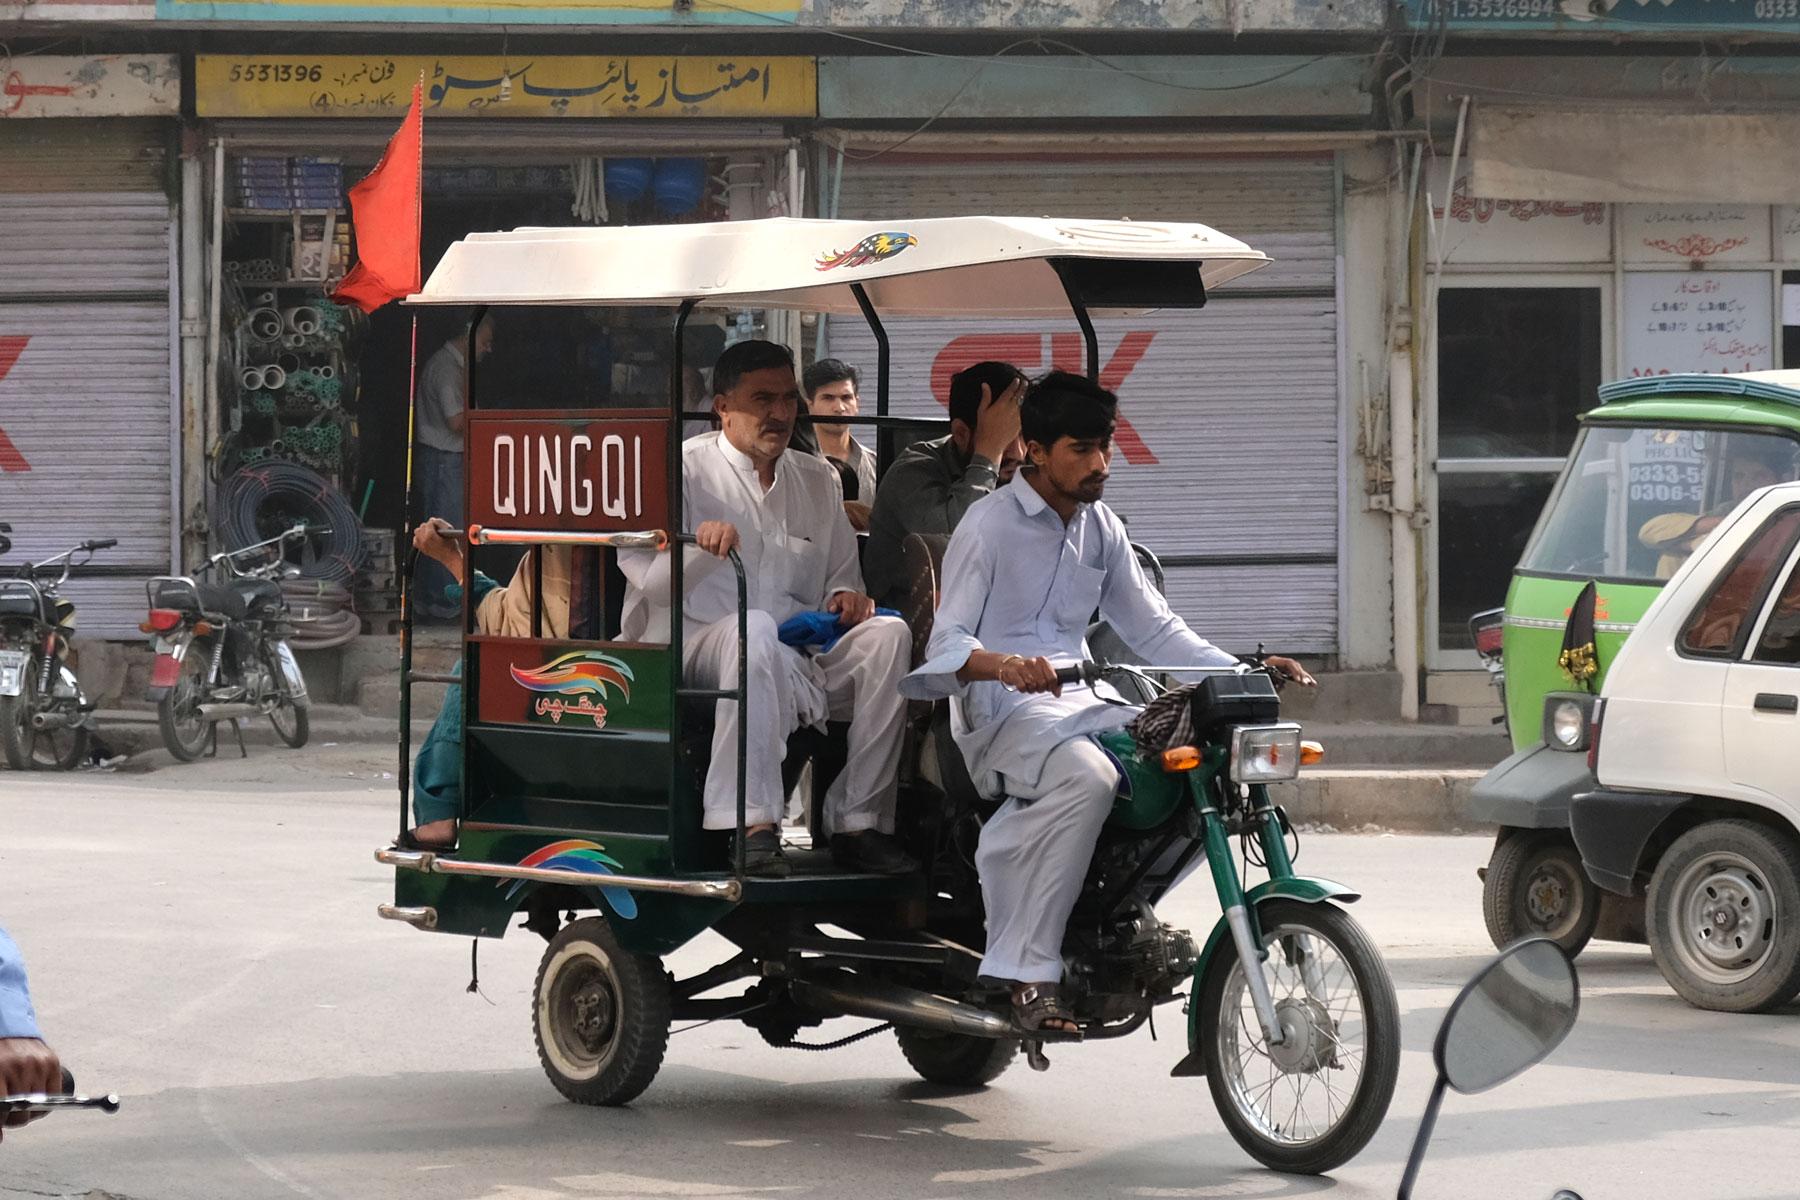 Qingqi-Rickshaw in Rawalpindi.